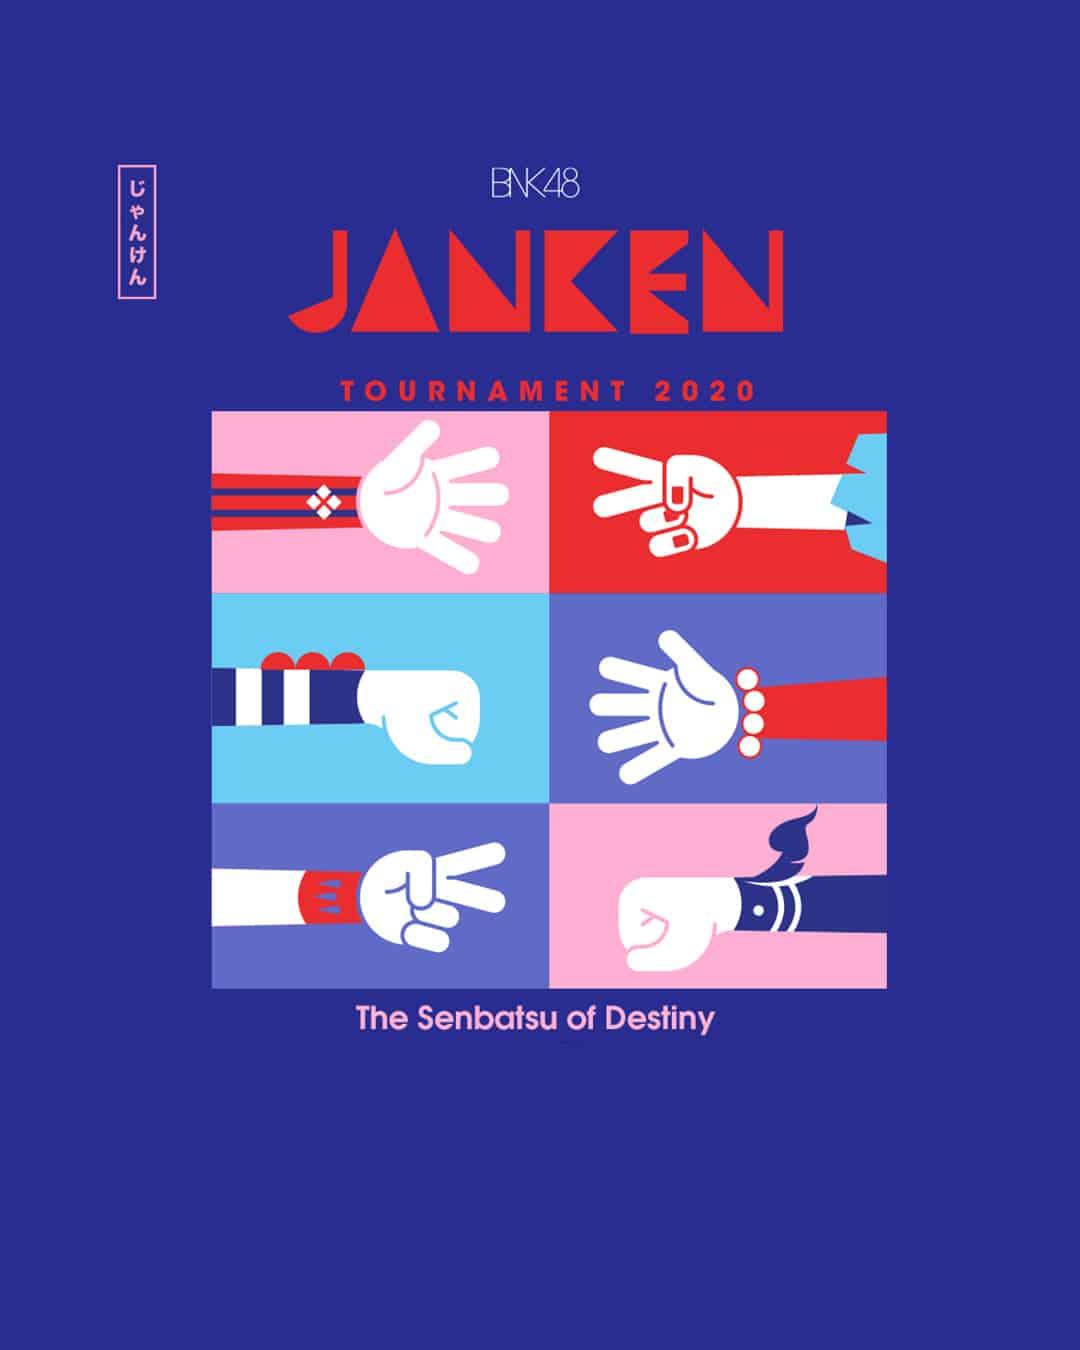 ดูย้อนหลังฟรี! งานเป่ายิงฉุบ! BNK48 Janken Tournament 2020 (บีเอ็นเคโฟร์ตีเอต จังเก้น ทัวร์นาเมนต์ 2020) The Senbatsu of Destiny ผ่านเว็บไซต์ AIS PLAY